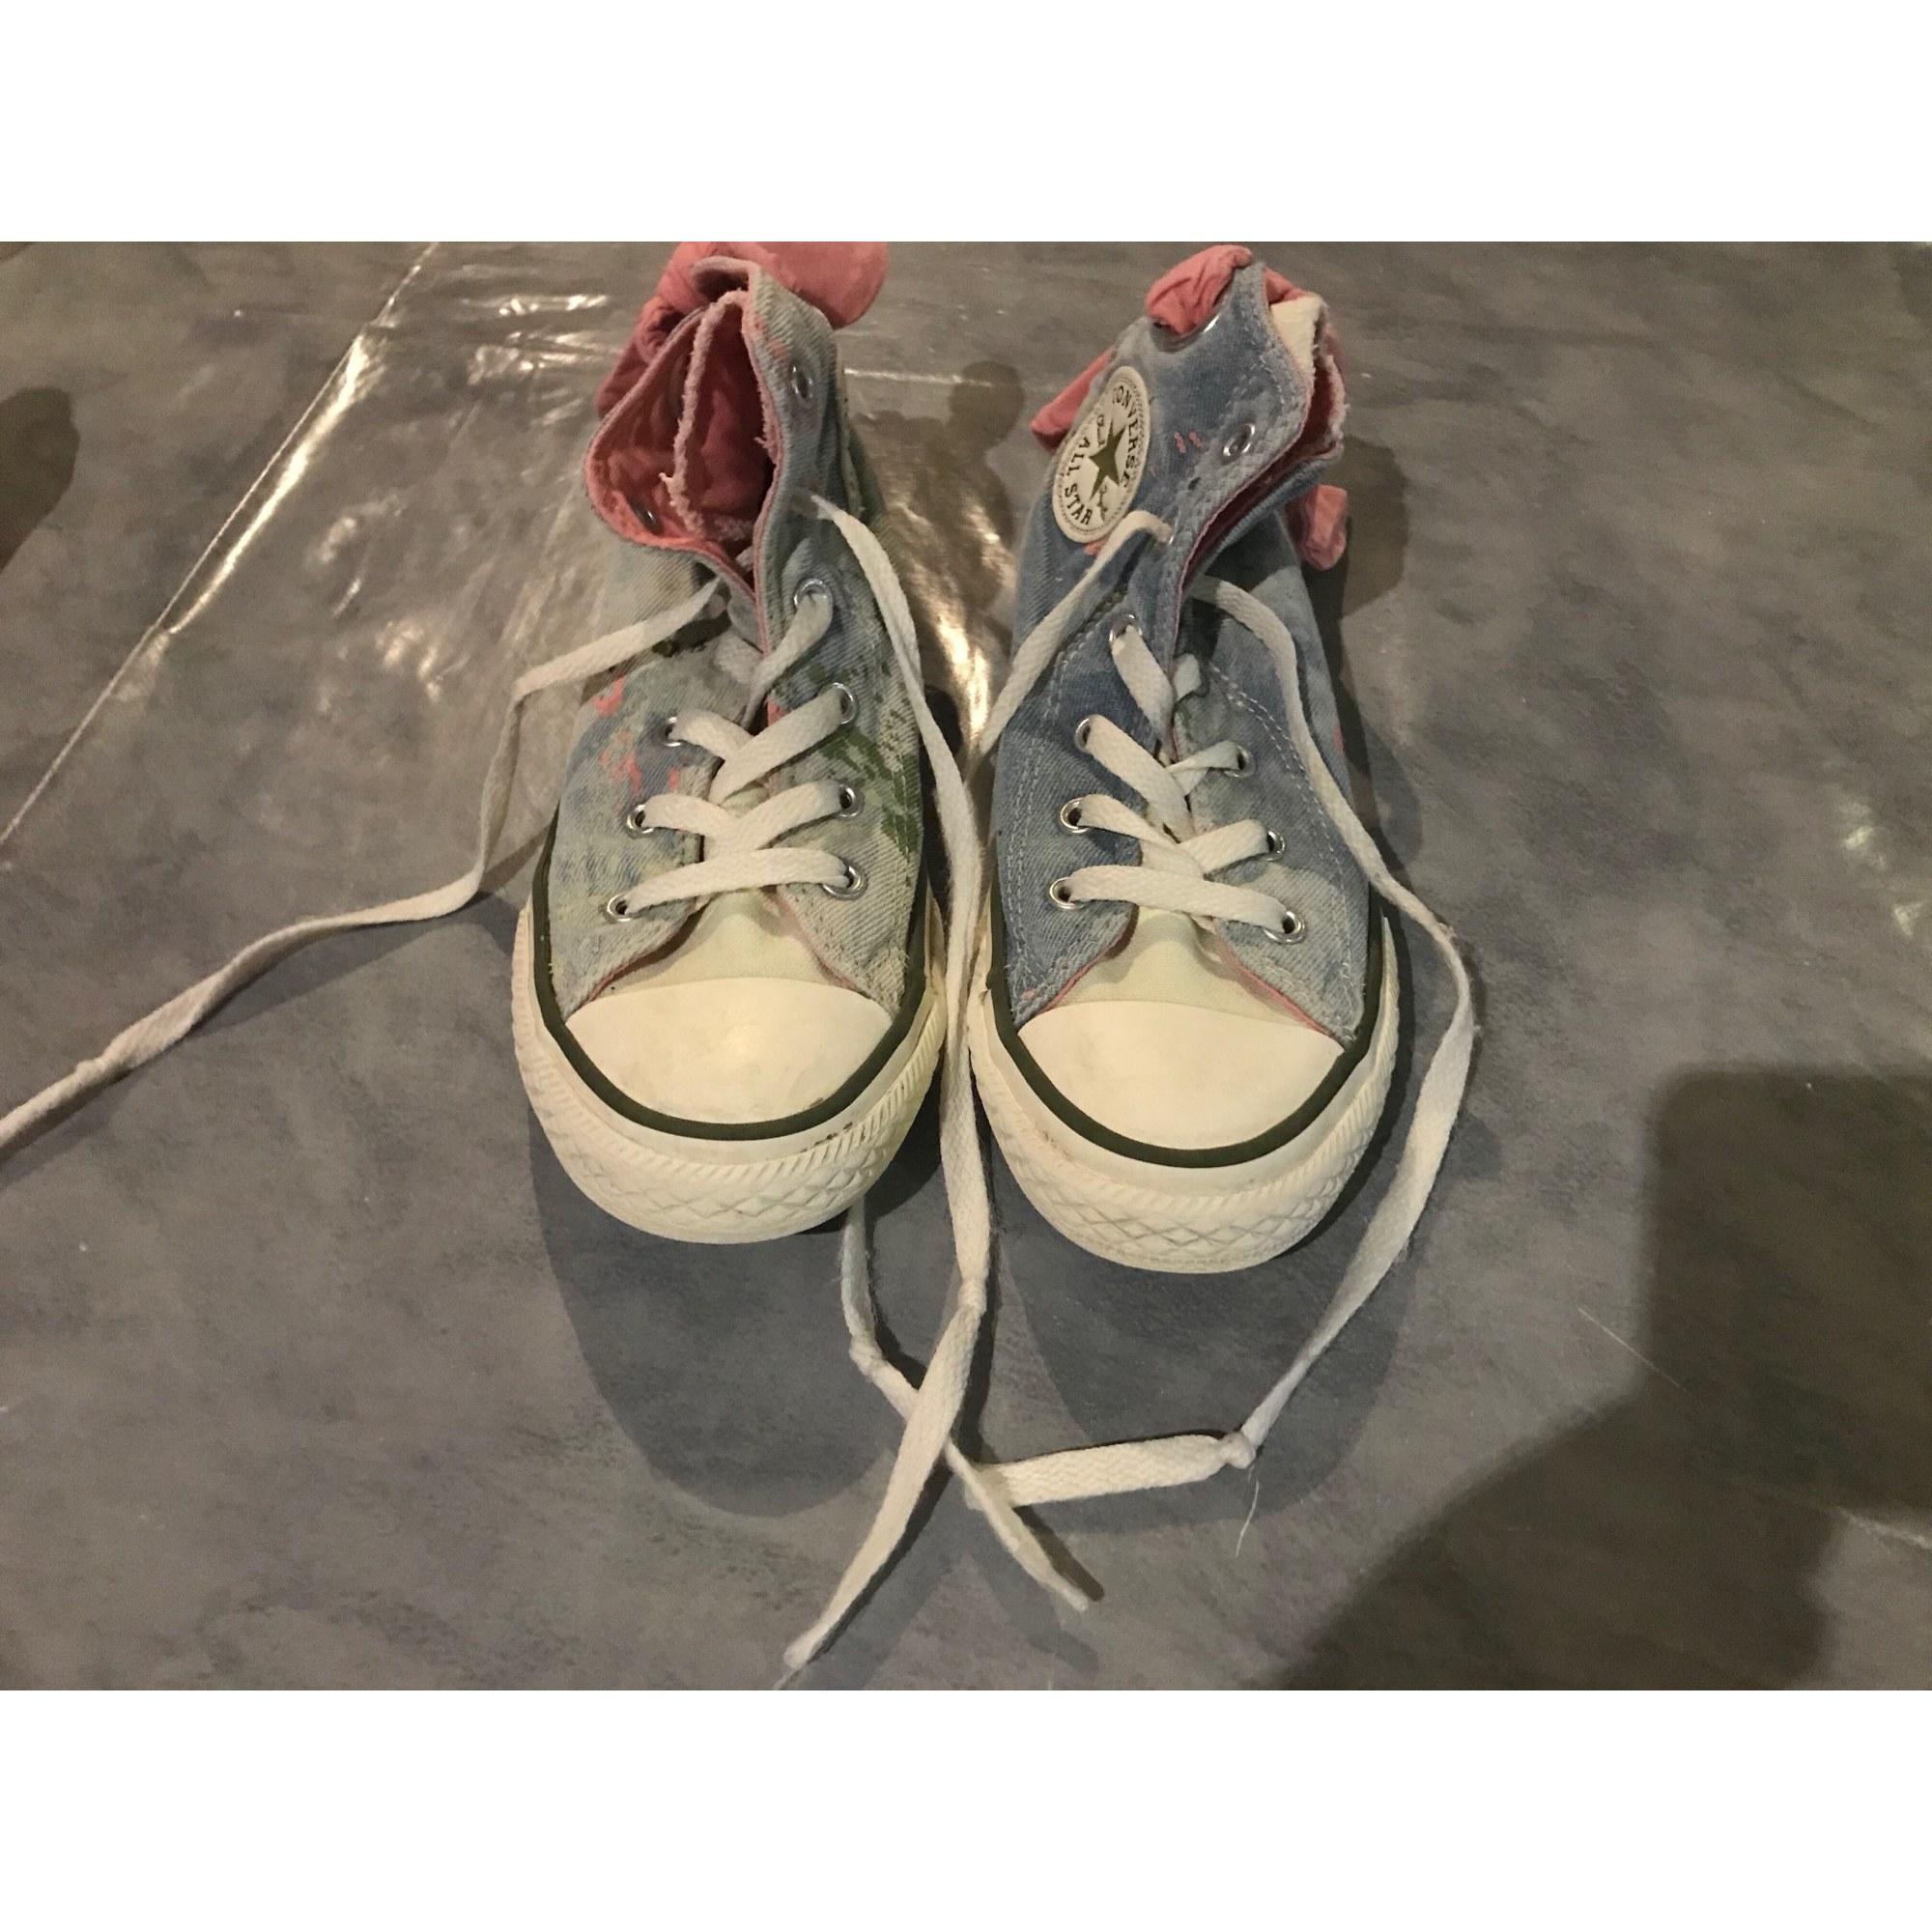 À Lacets Multicouleur 33 6911144 Converse Chaussures SzVGUqMp